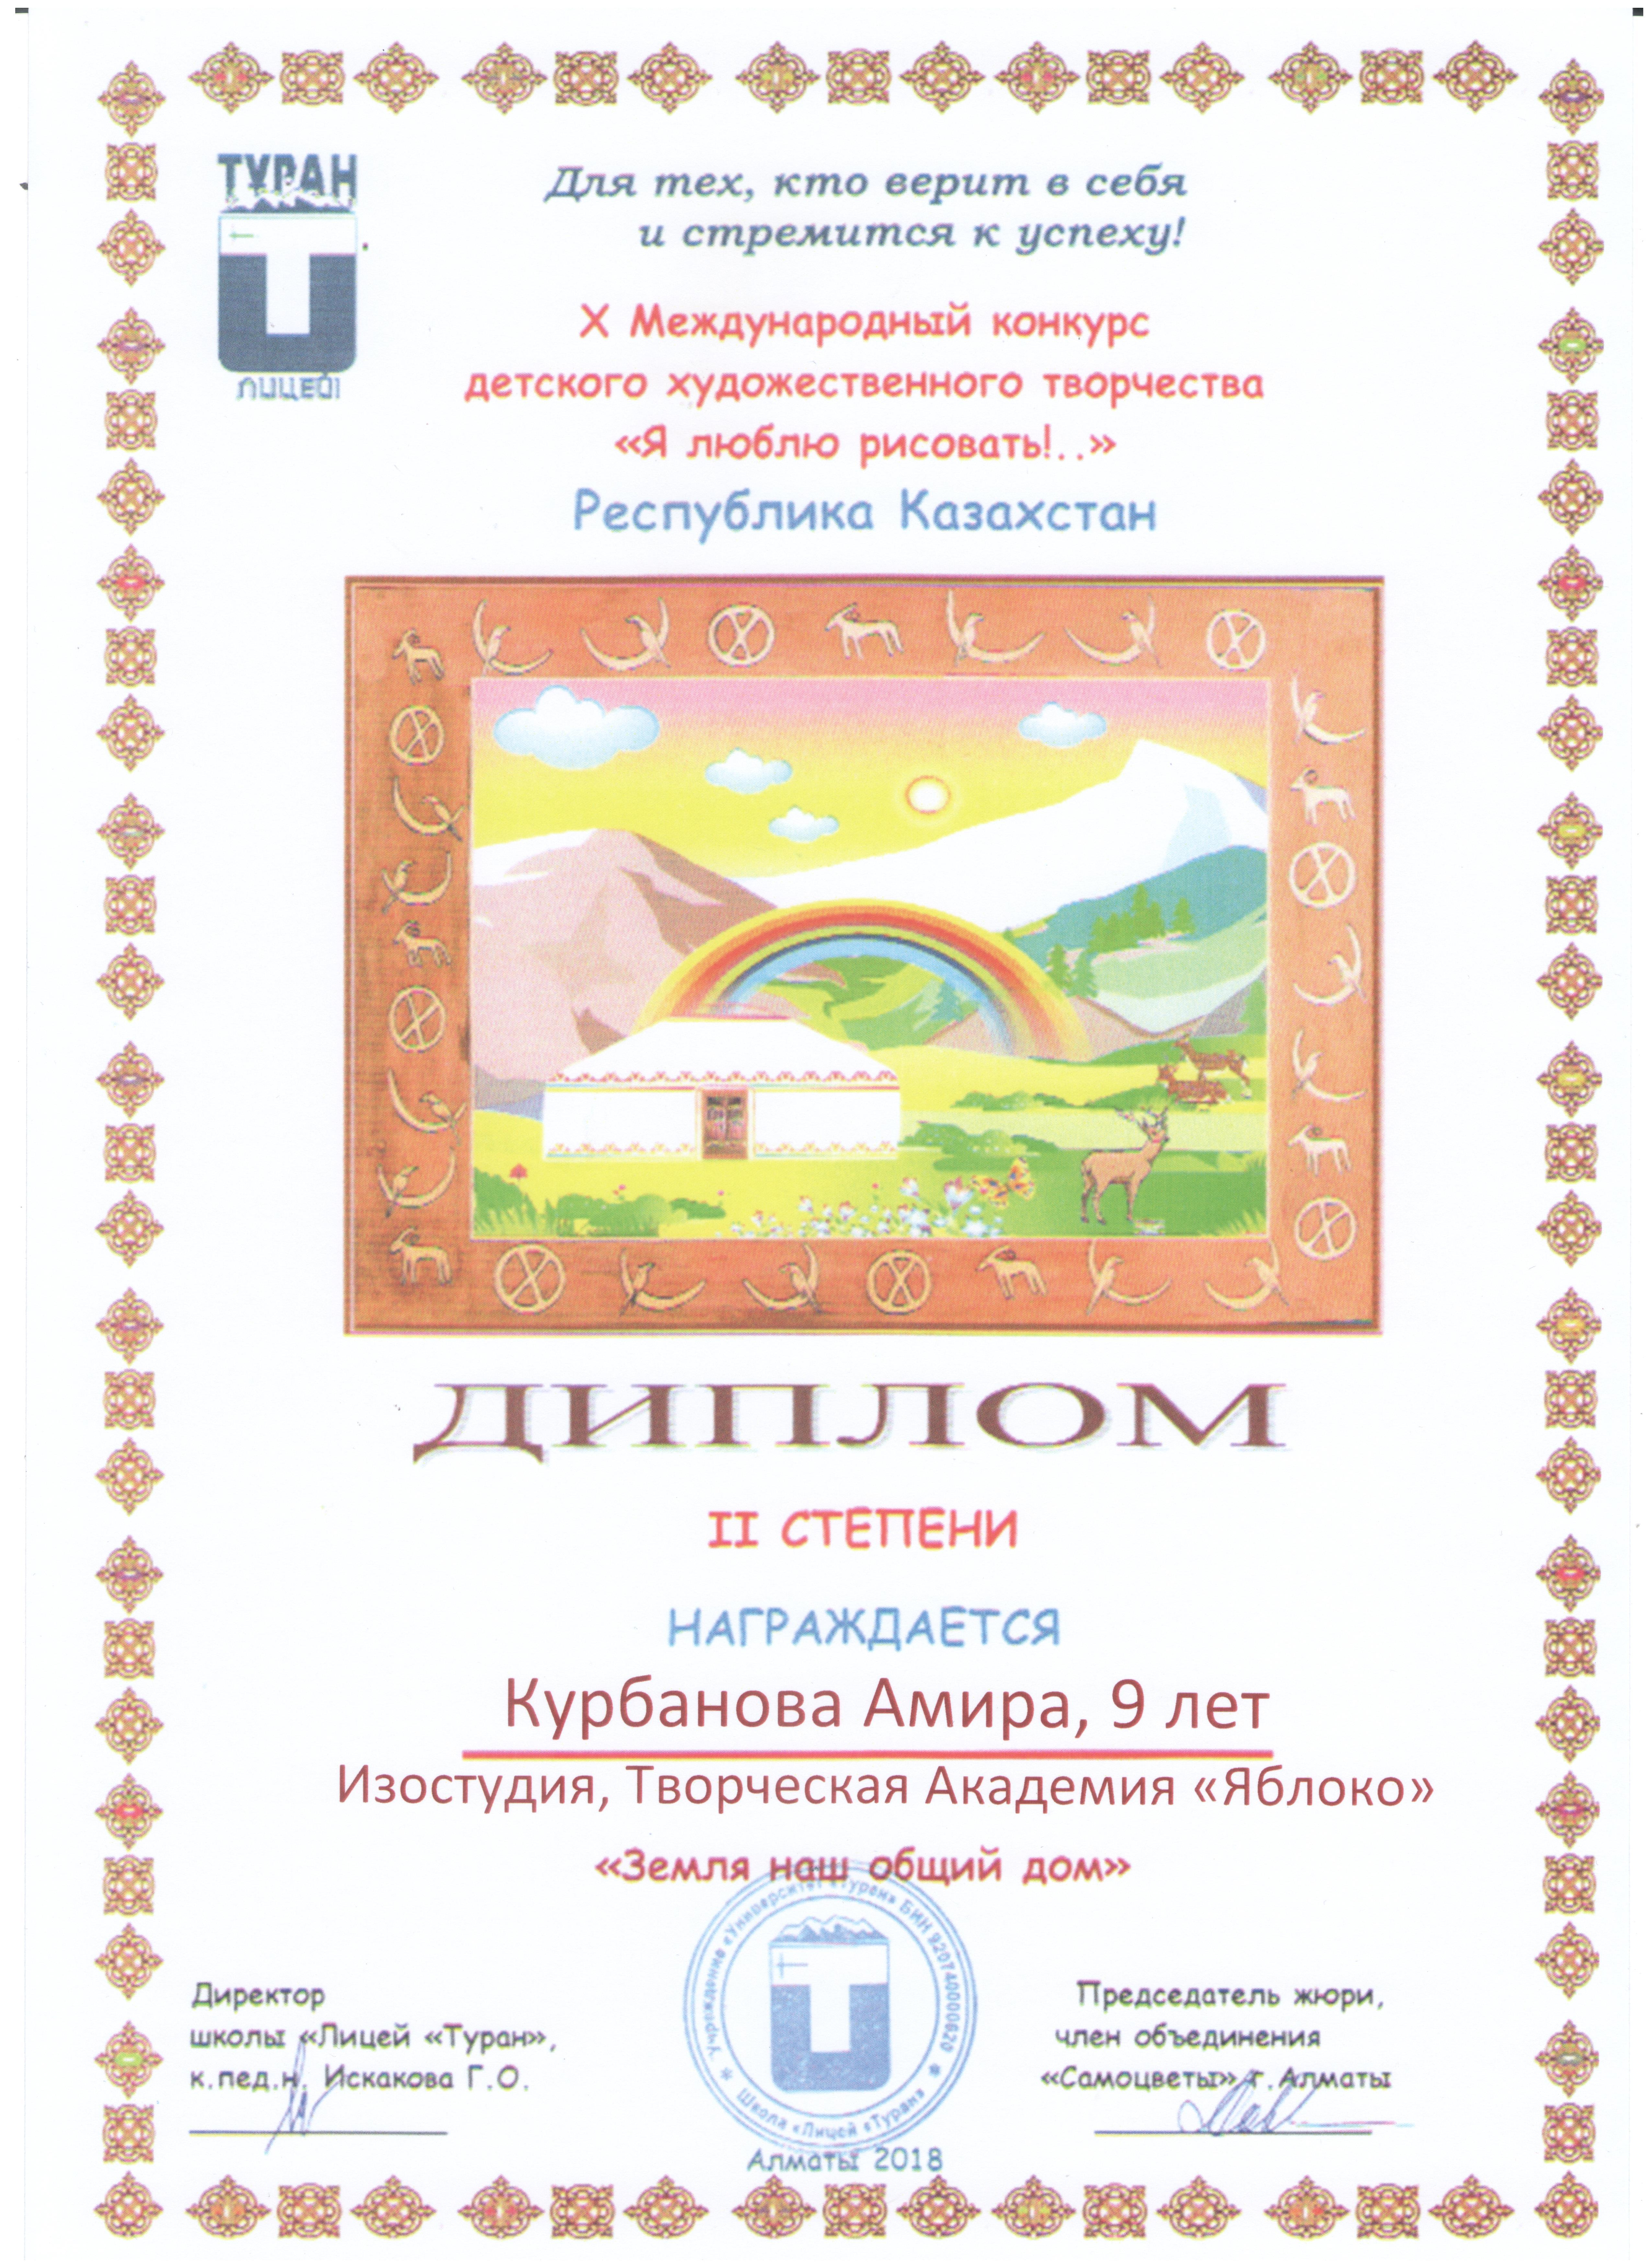 Курбанова Амира, 9 лет